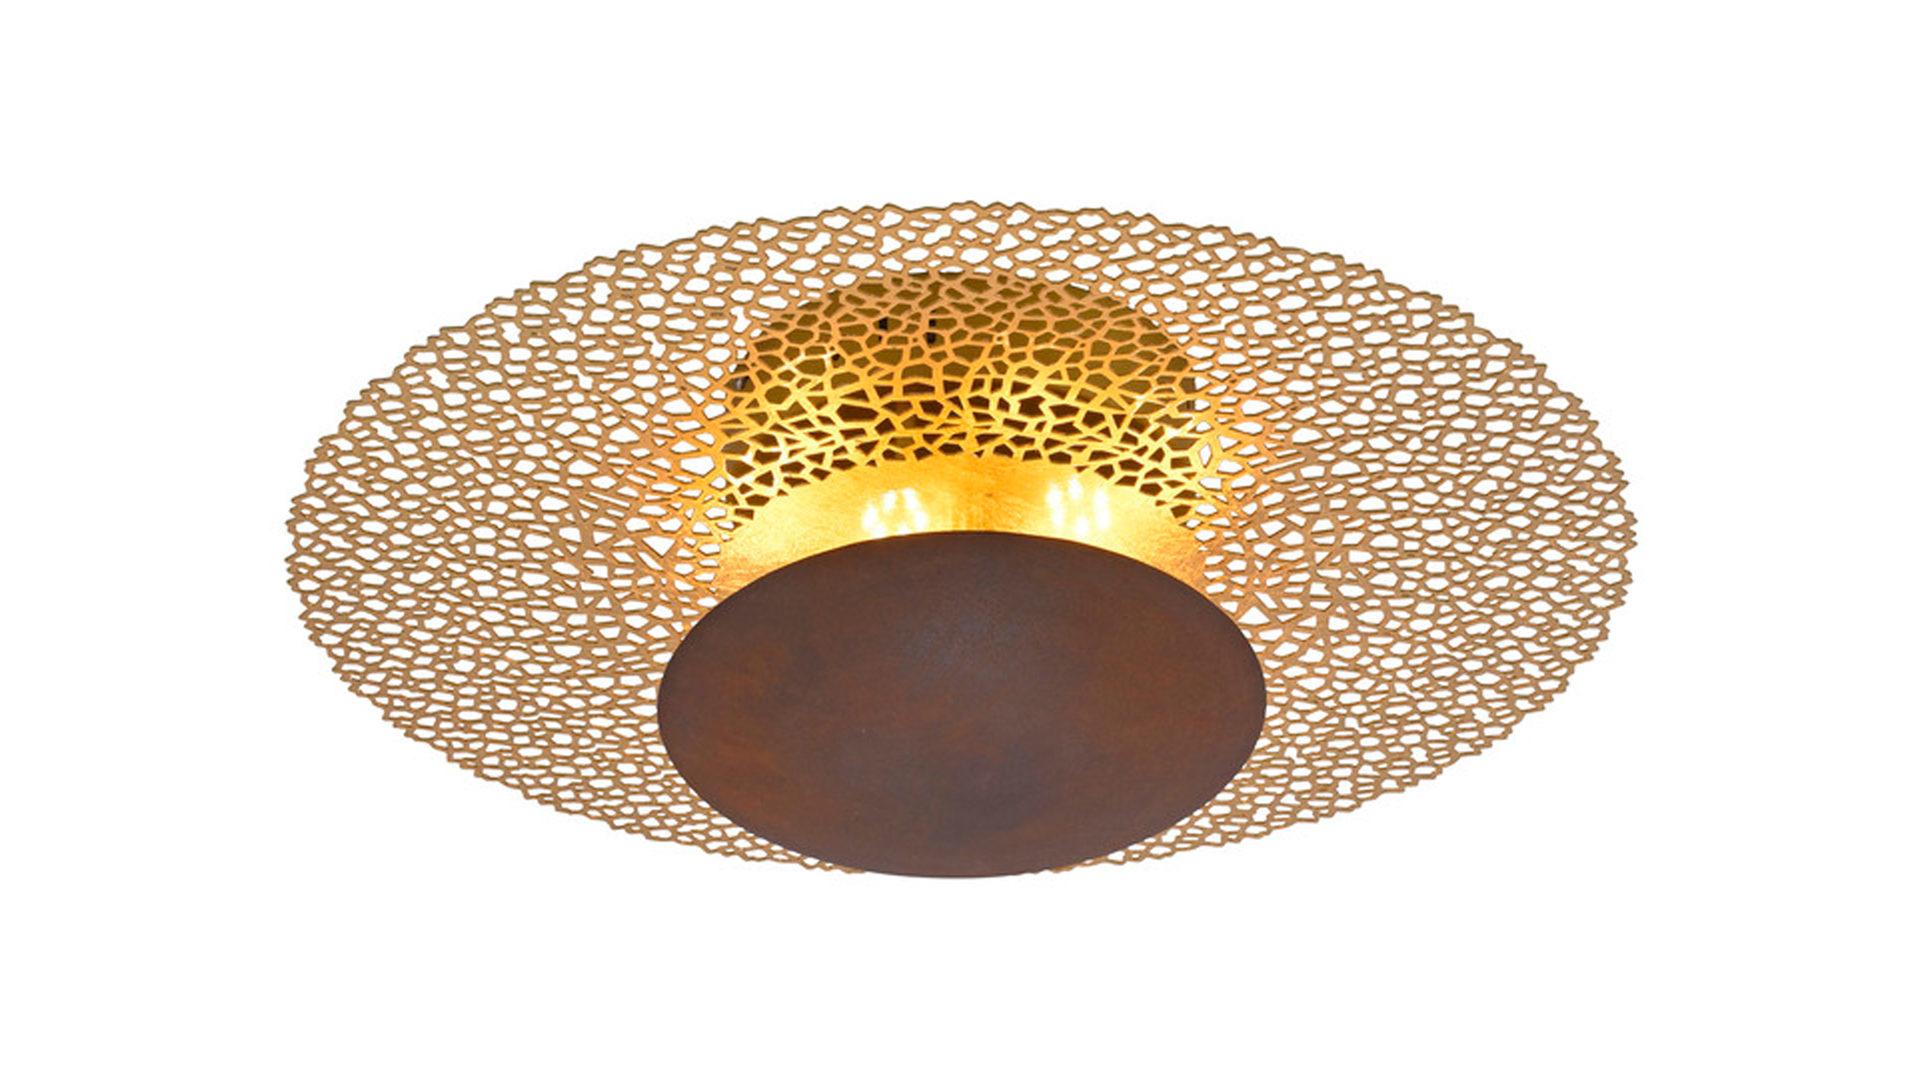 Möbel Bohn Crailsheim Räume Esszimmer Lampen Leuchten Paul